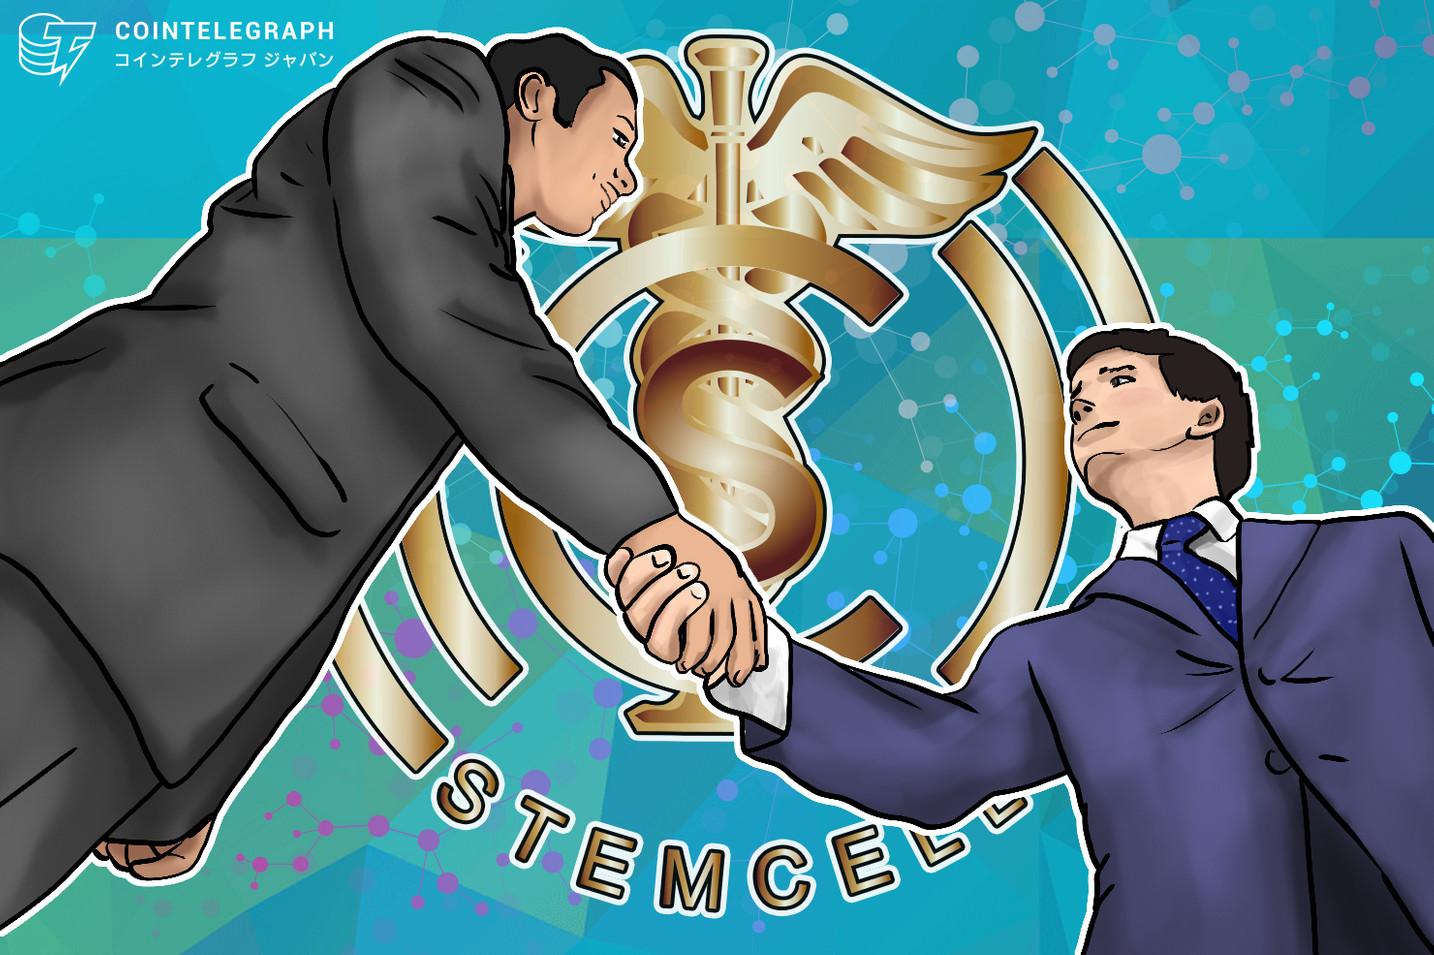 SCCトークンのSTEM CELL PROJECT、大手ジムチェーンのゴールドジムと業務提携。東京・大阪にアスリート専門再生医療機関をプロデュース